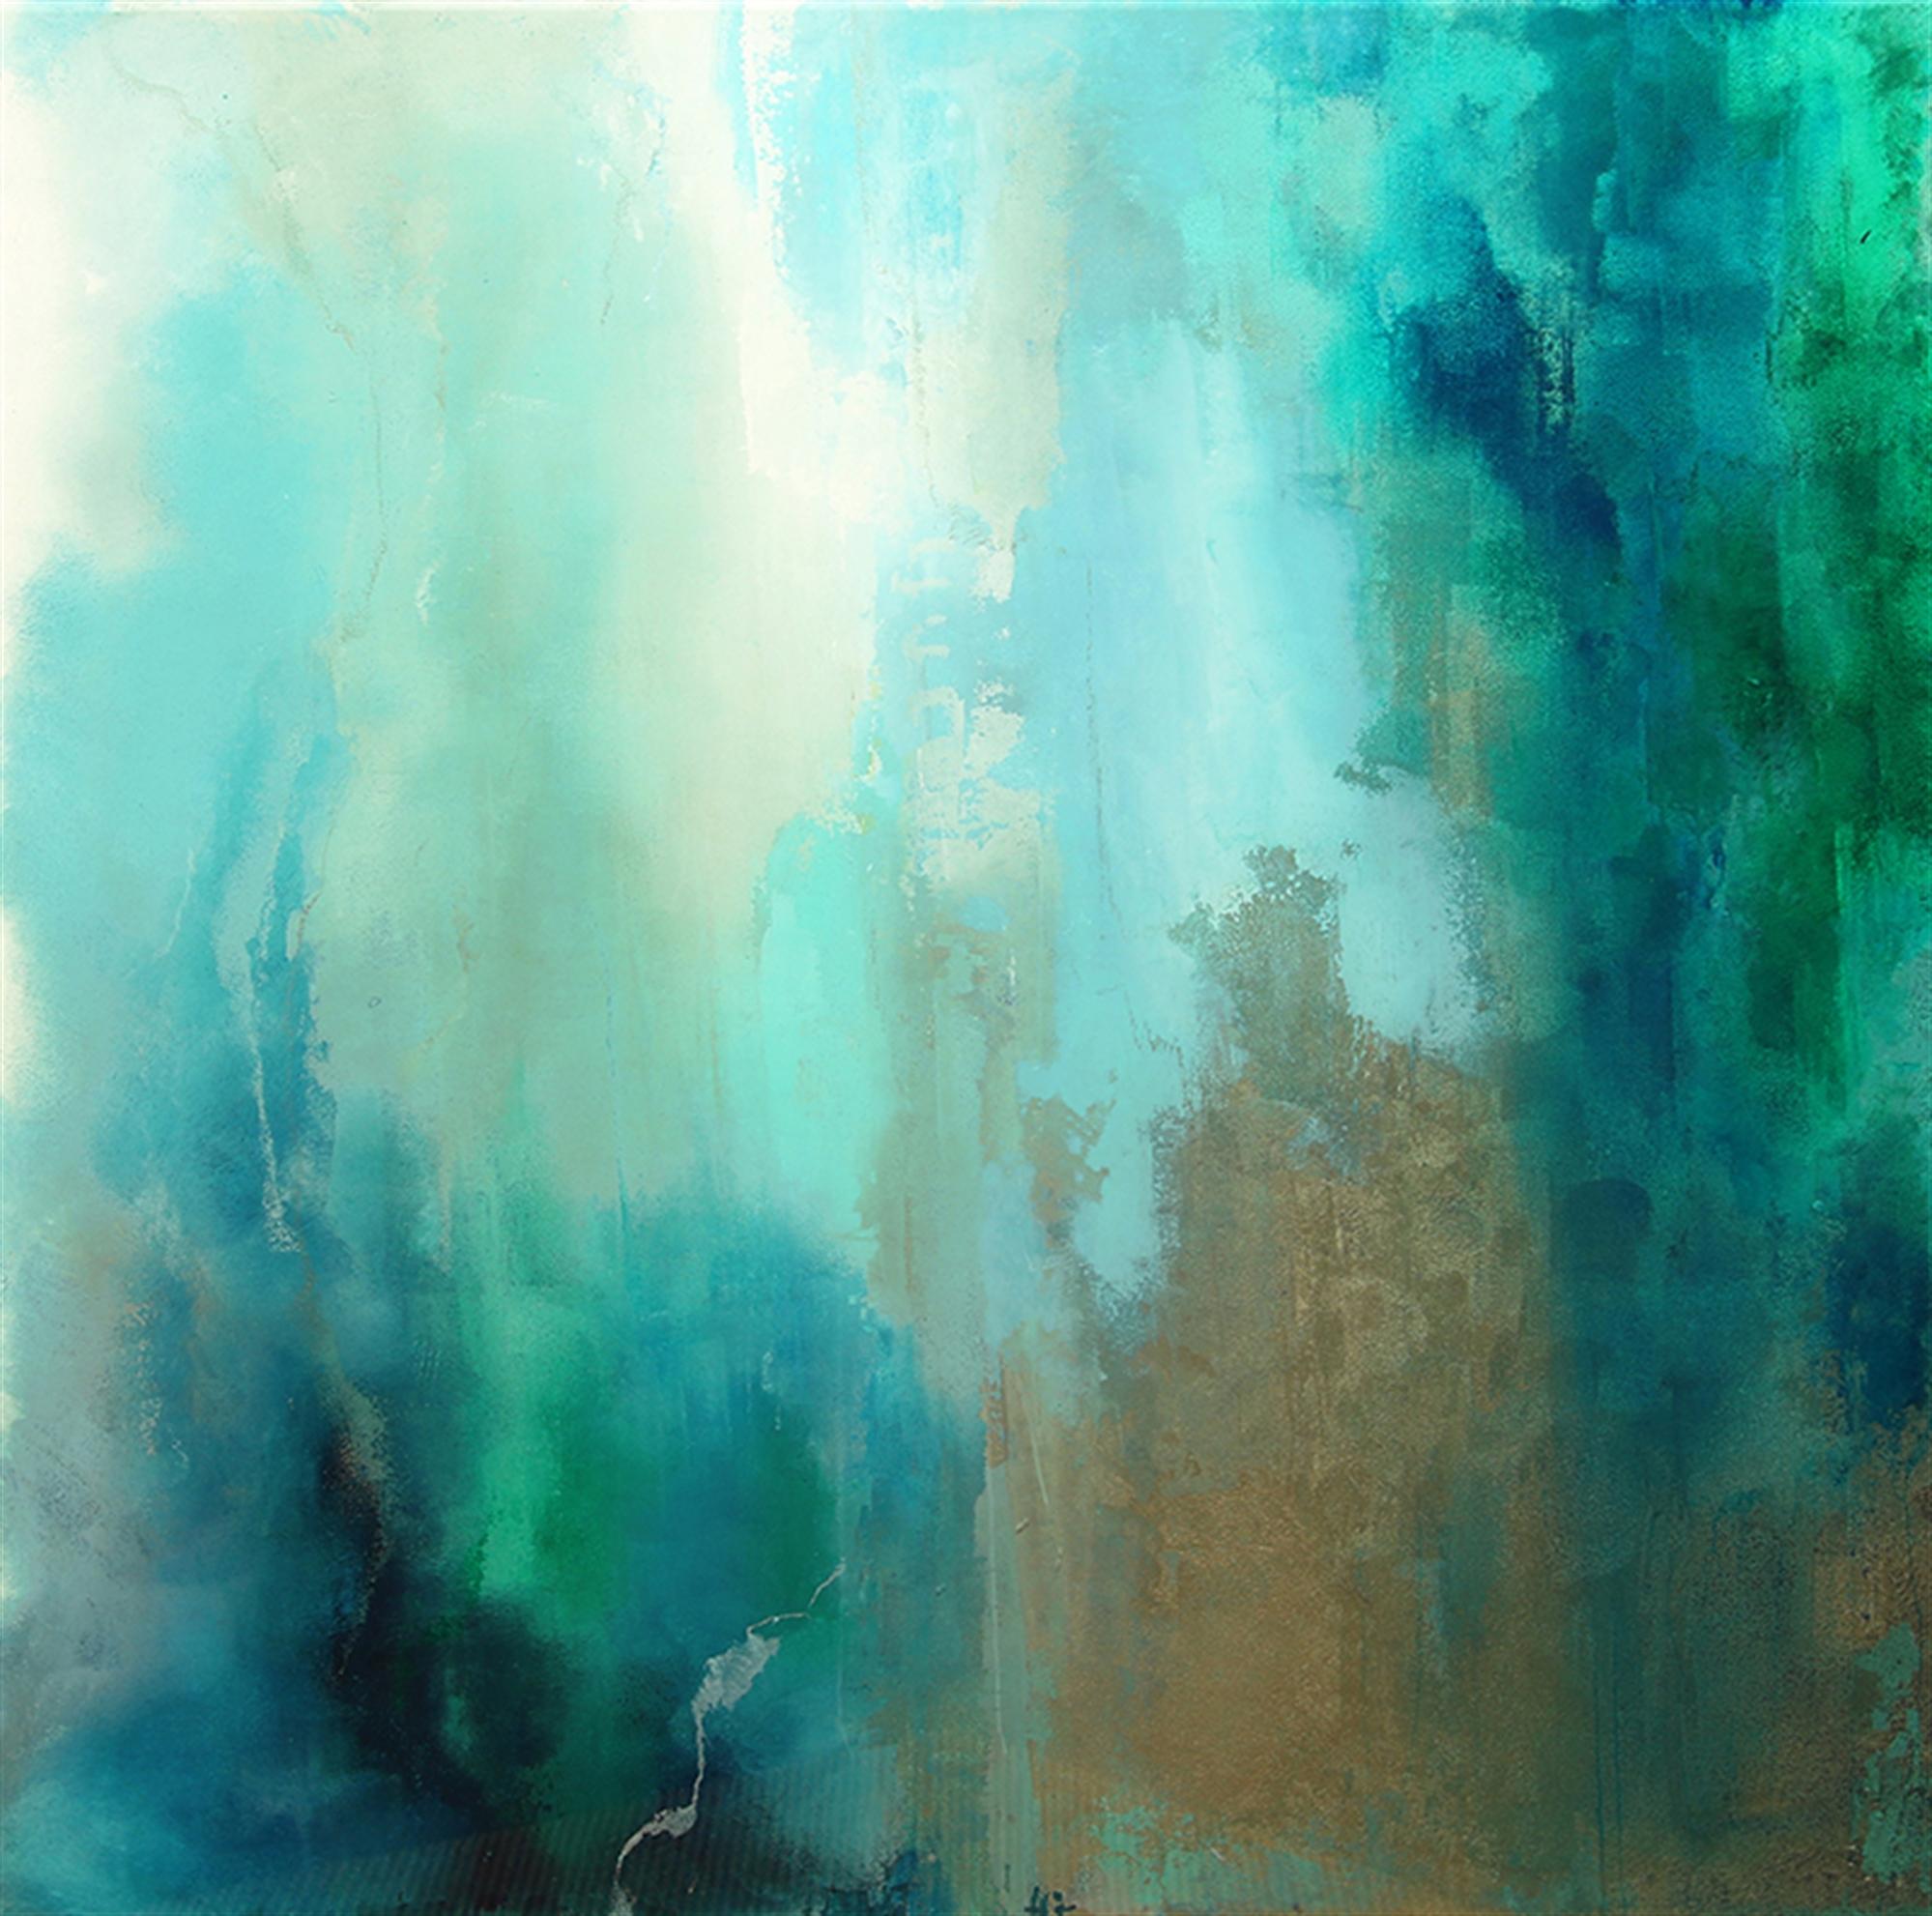 A View Through Aqua Seas by Katherine Houston